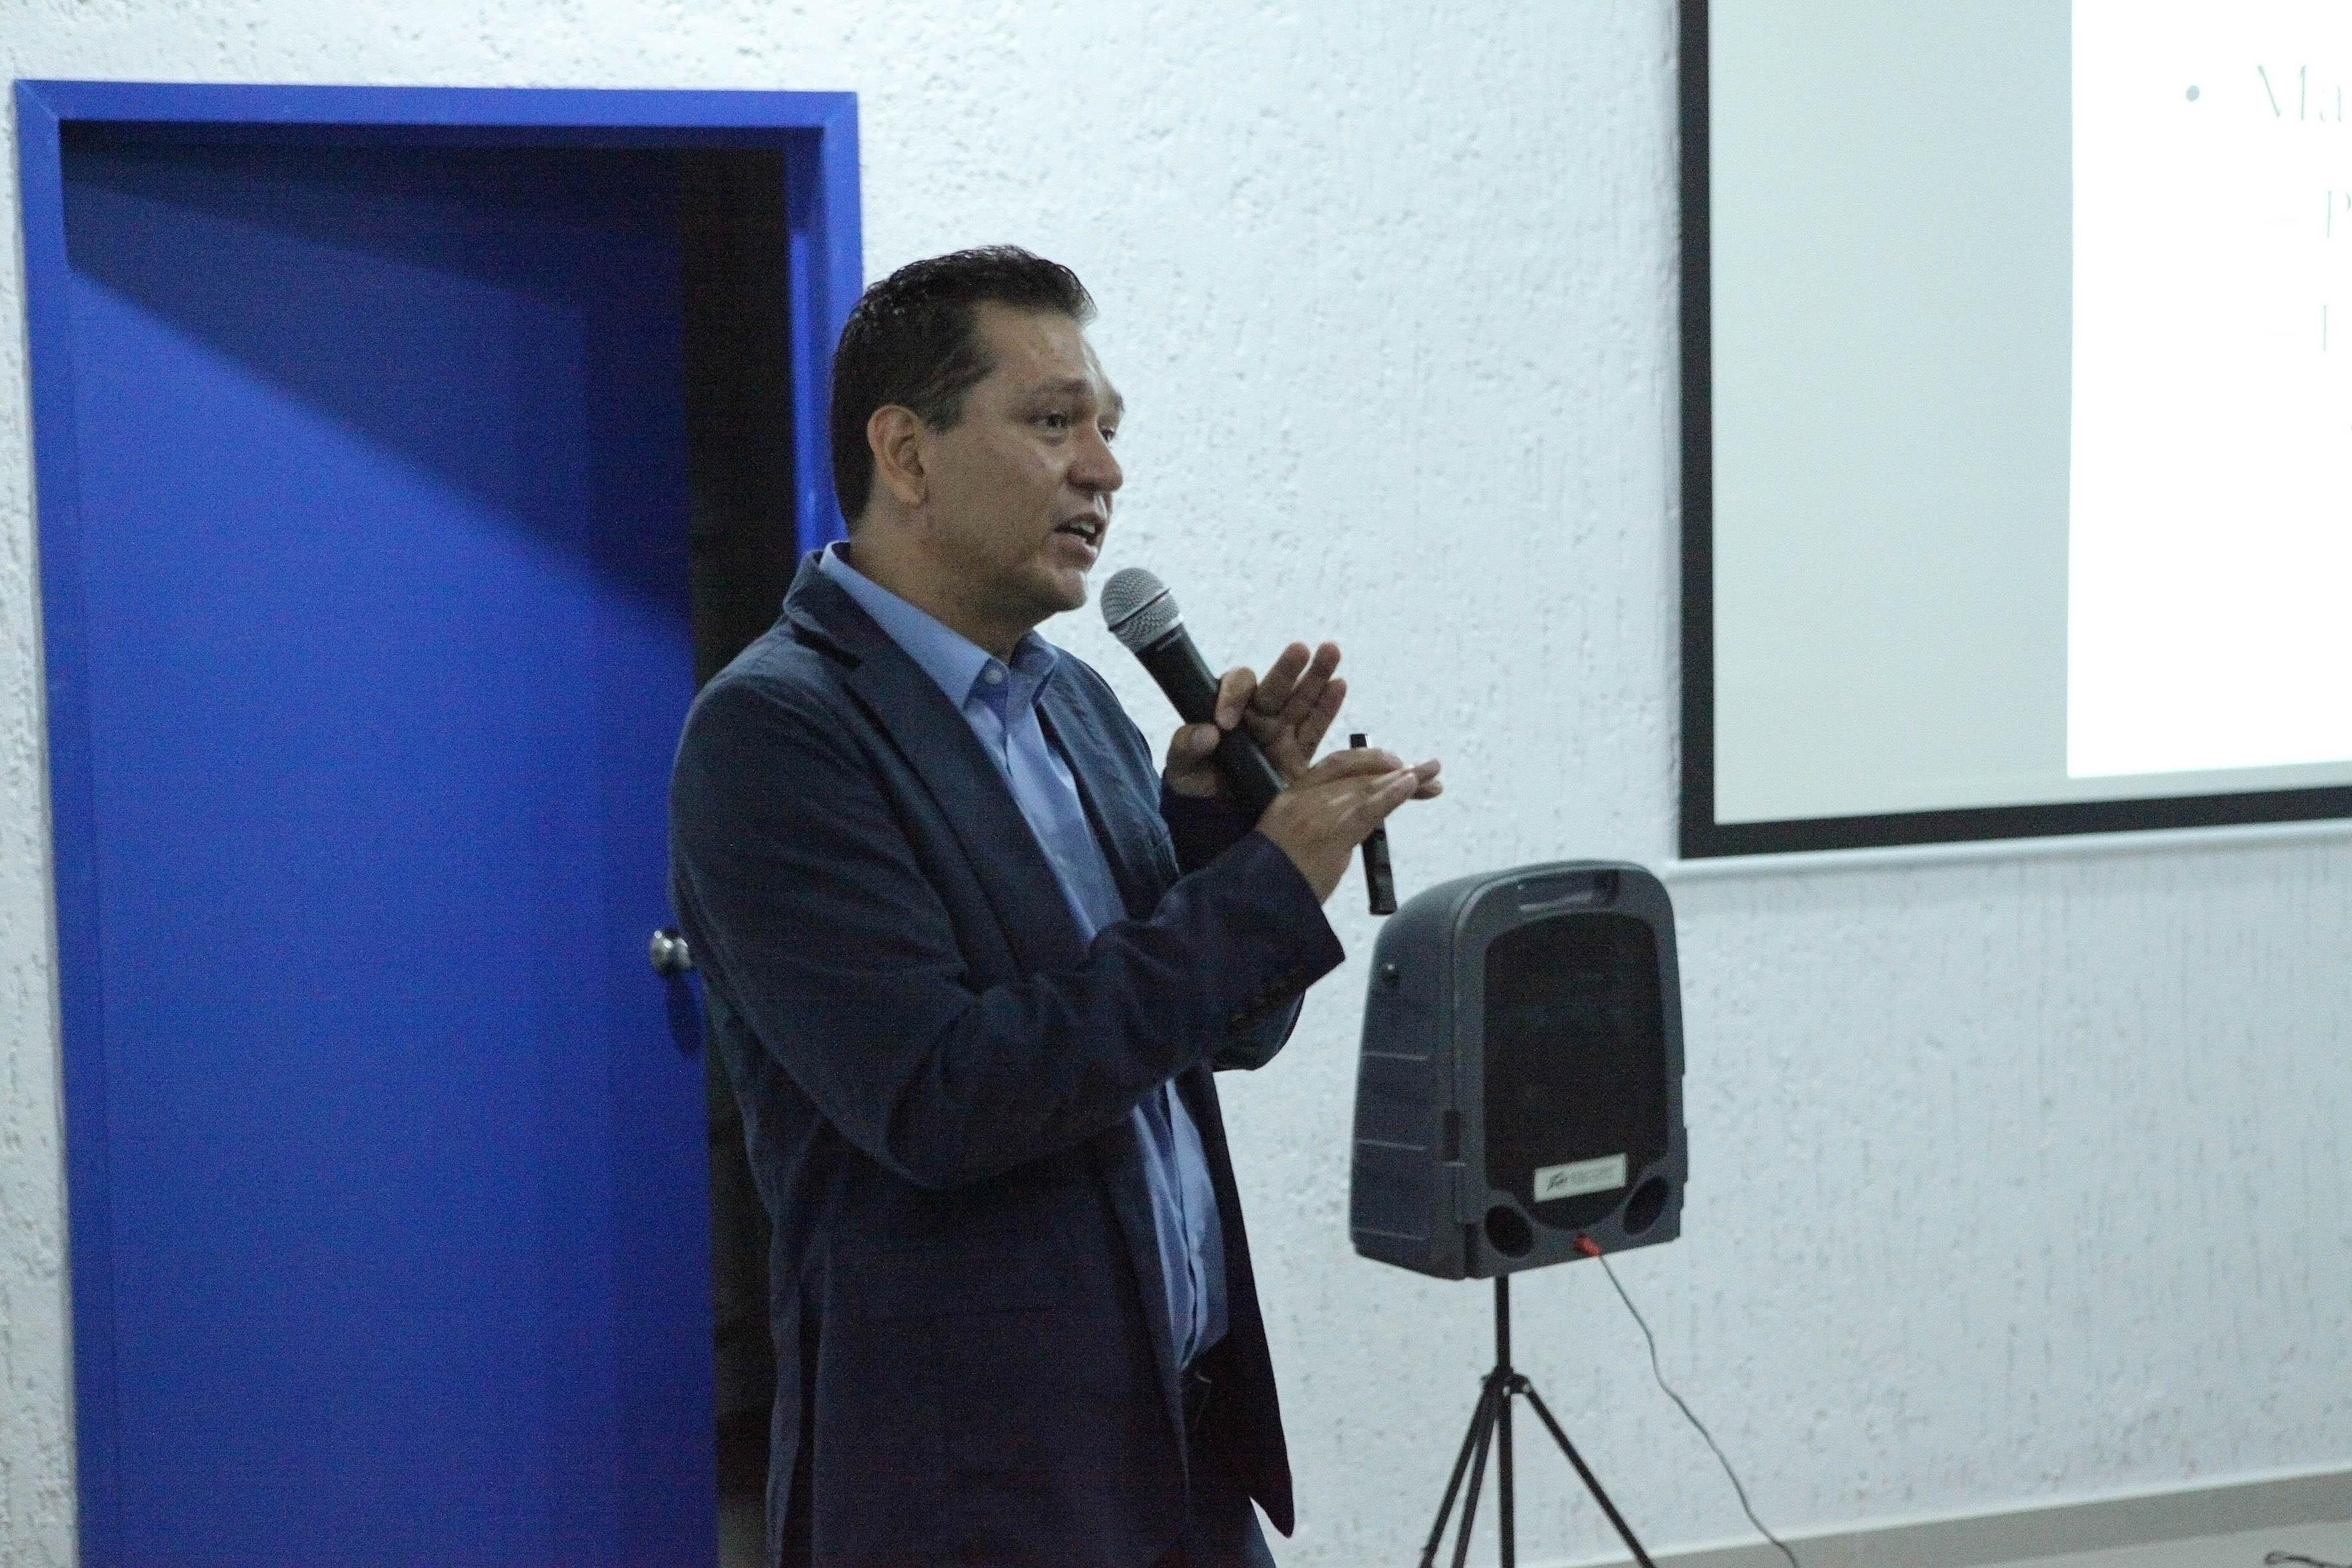 Jefe del Laboratorio de Mastitis y Diagnóstico Molecular del Centro Universitario de Ciencias Biológicas y Agropecuarias (CUCBA), doctor Hugo Castañeda Vázquez,